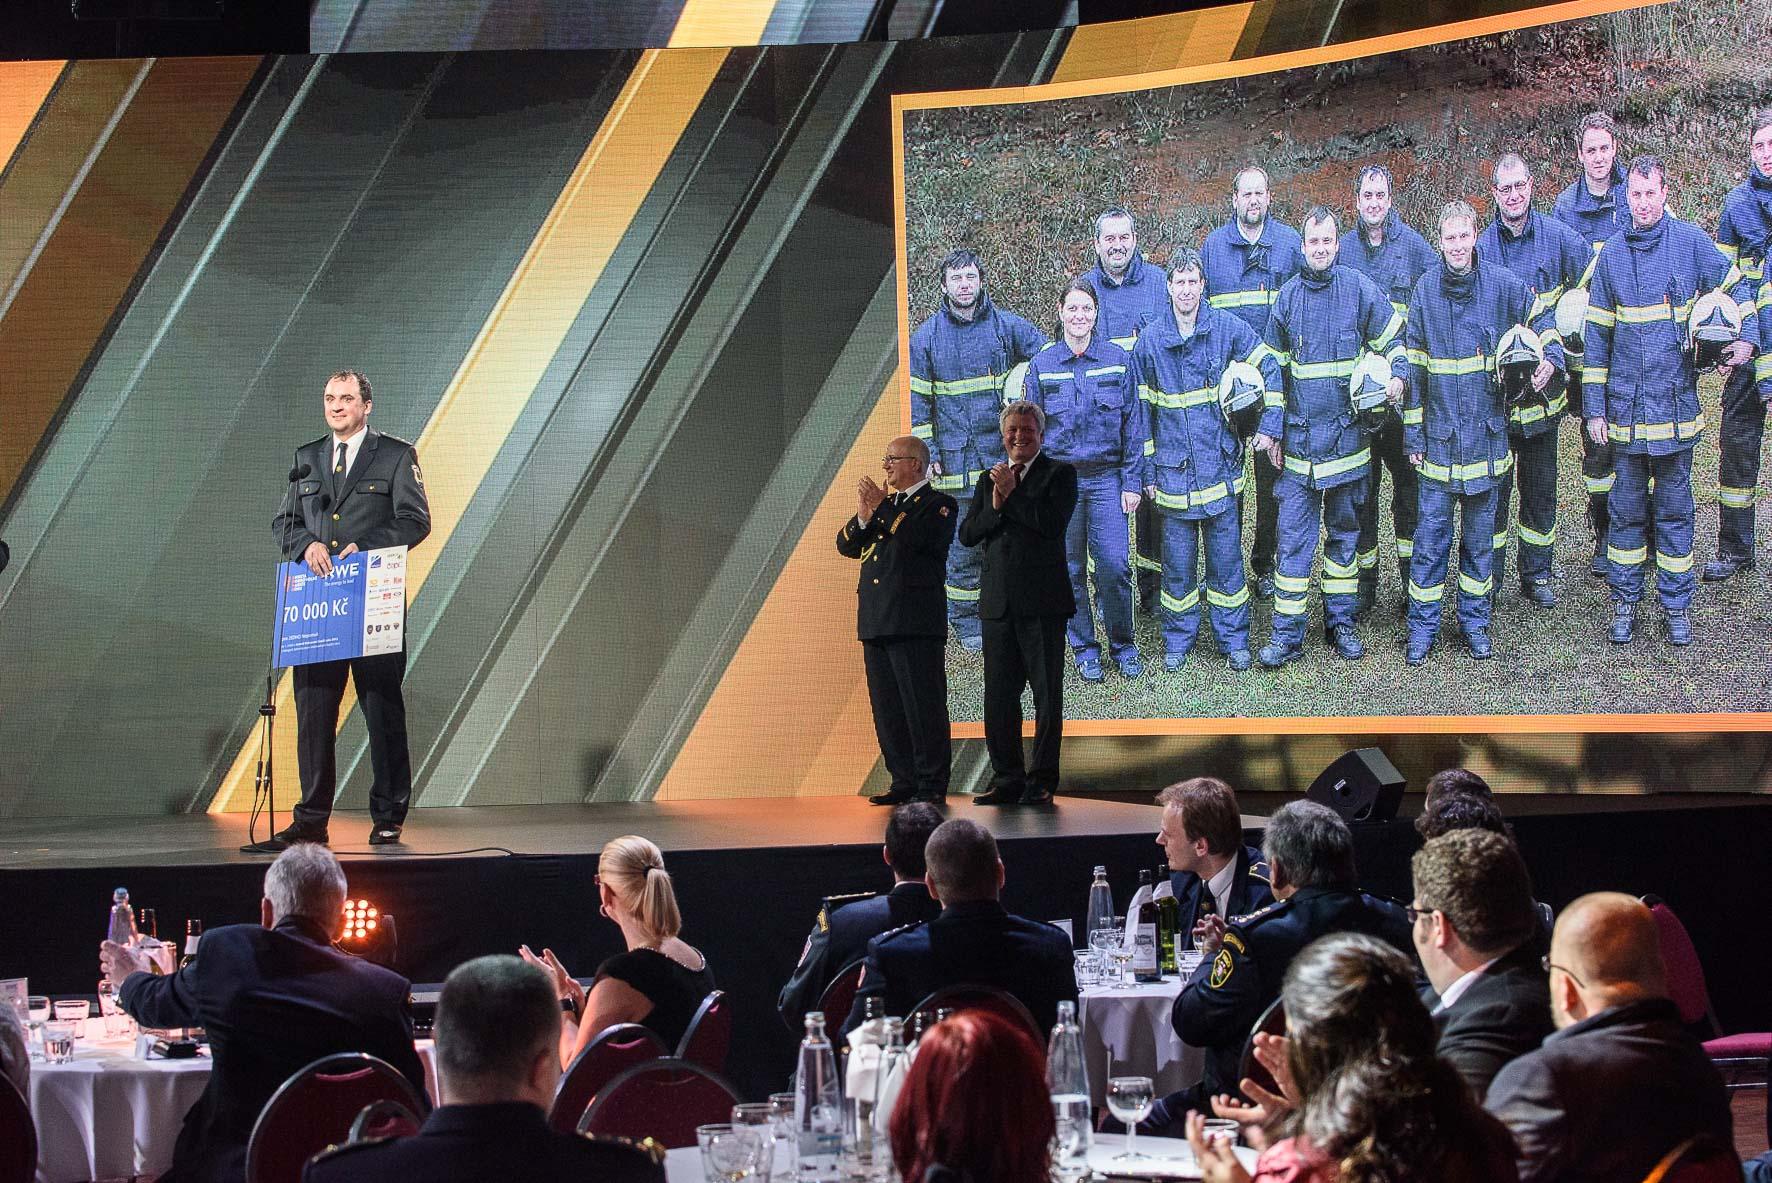 anketa-dobrovolni-hasici-roku-2015-vyhlaseni-vysledku-jsdh-nepomuk-proslov